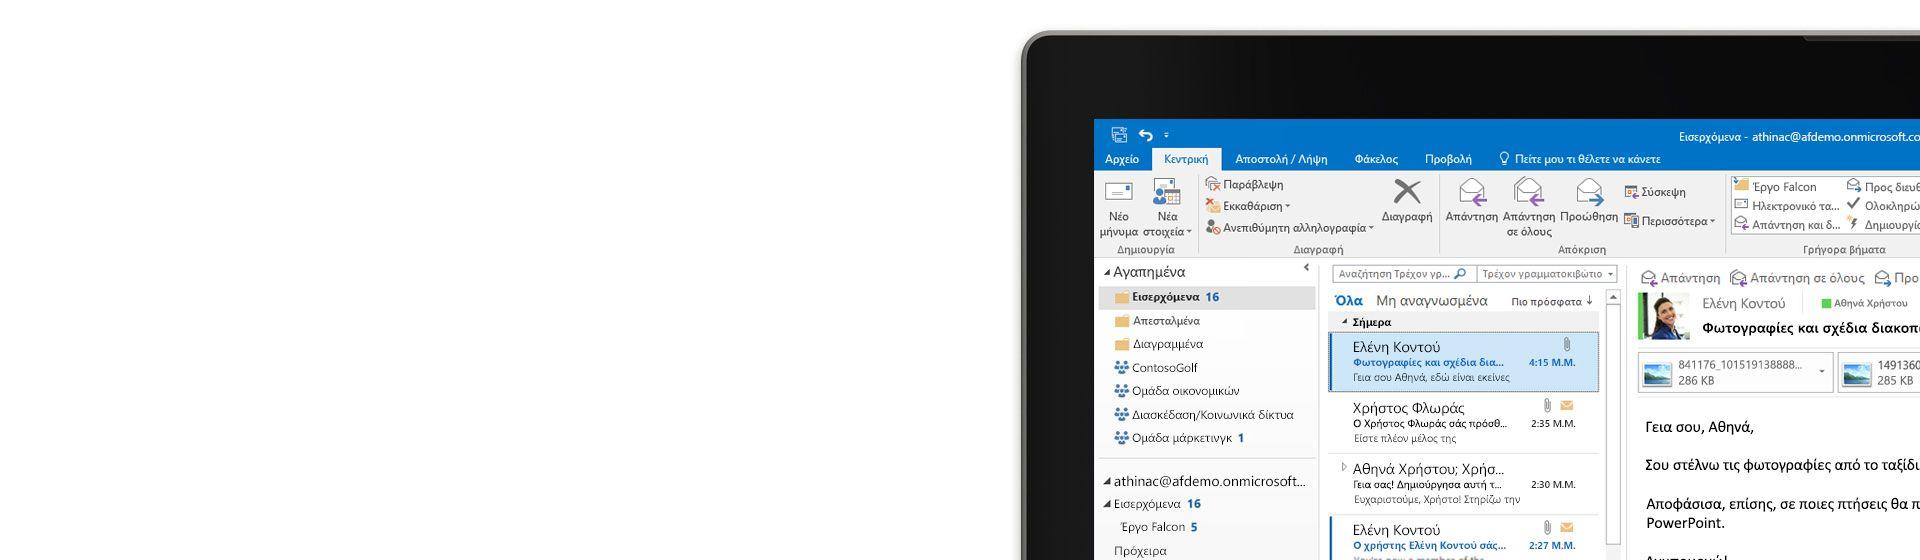 Ένα tablet που εμφανίζει τα εισερχόμενα του Microsoft Outlook 2016 με λίστα και προεπισκόπηση μηνυμάτων